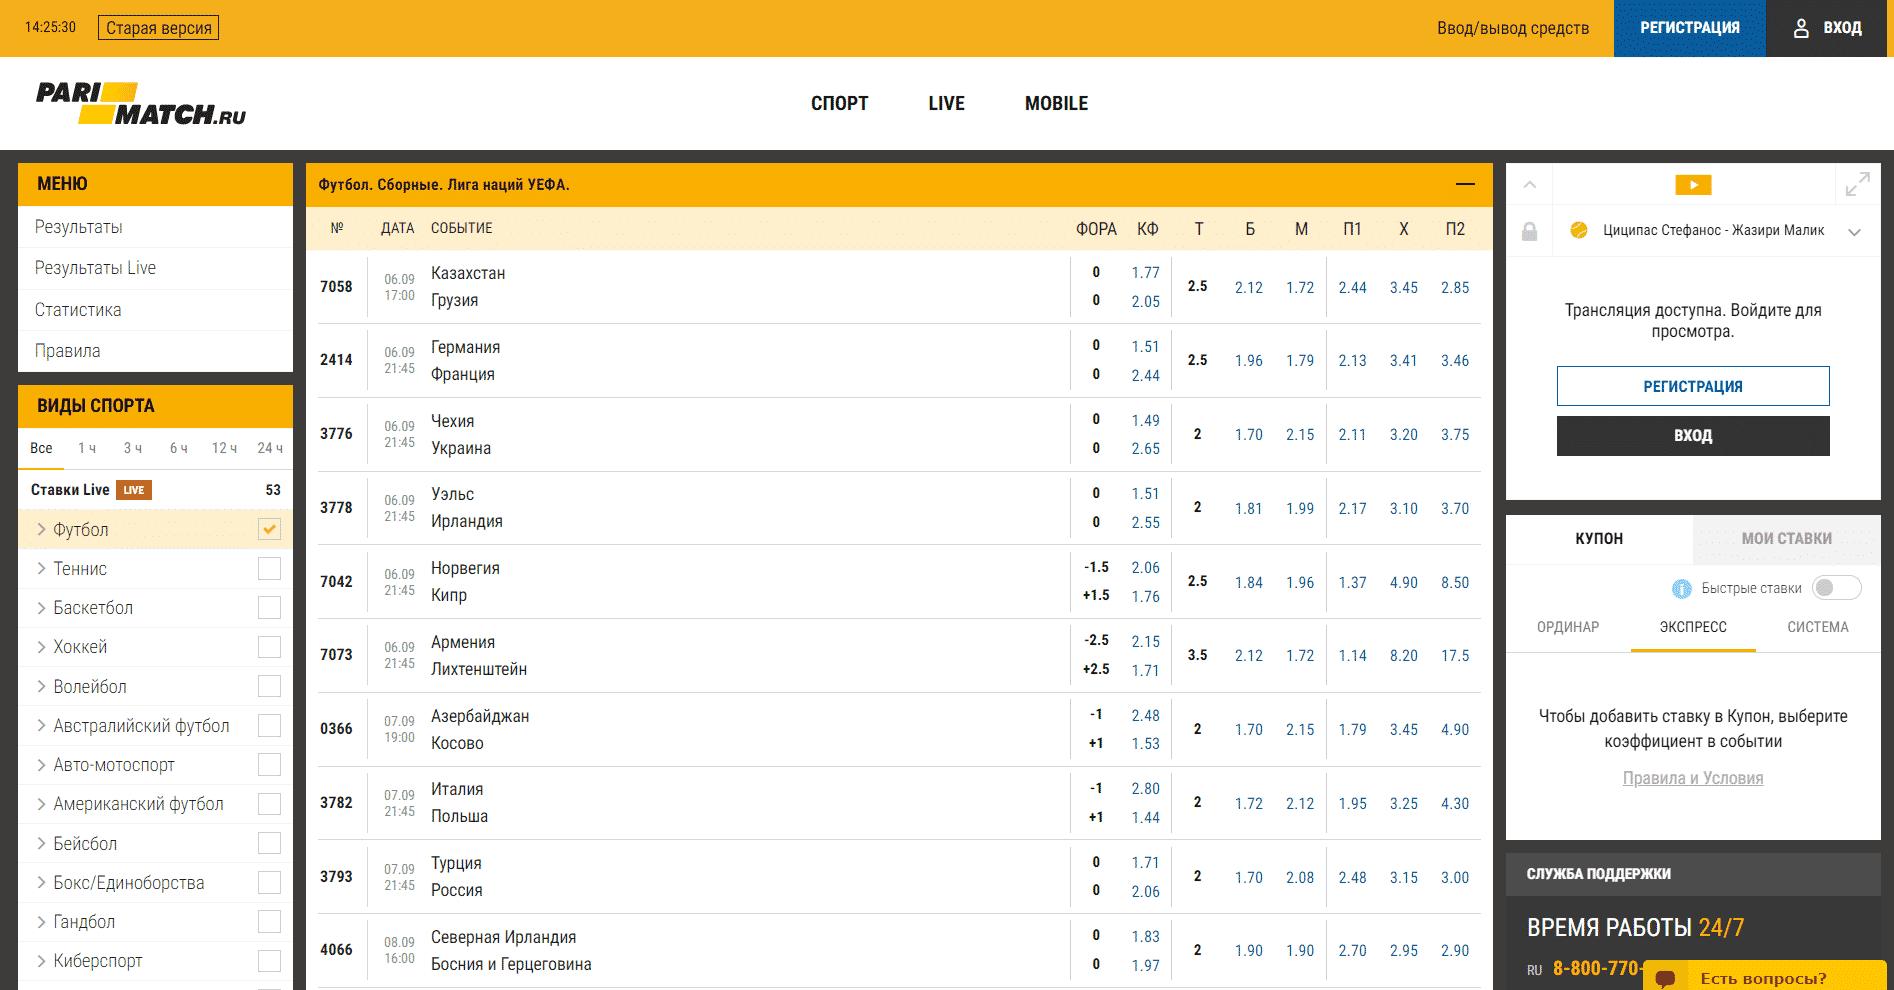 Спектр спортивных событий (линия и роспись) на сайтеParimatch.ru